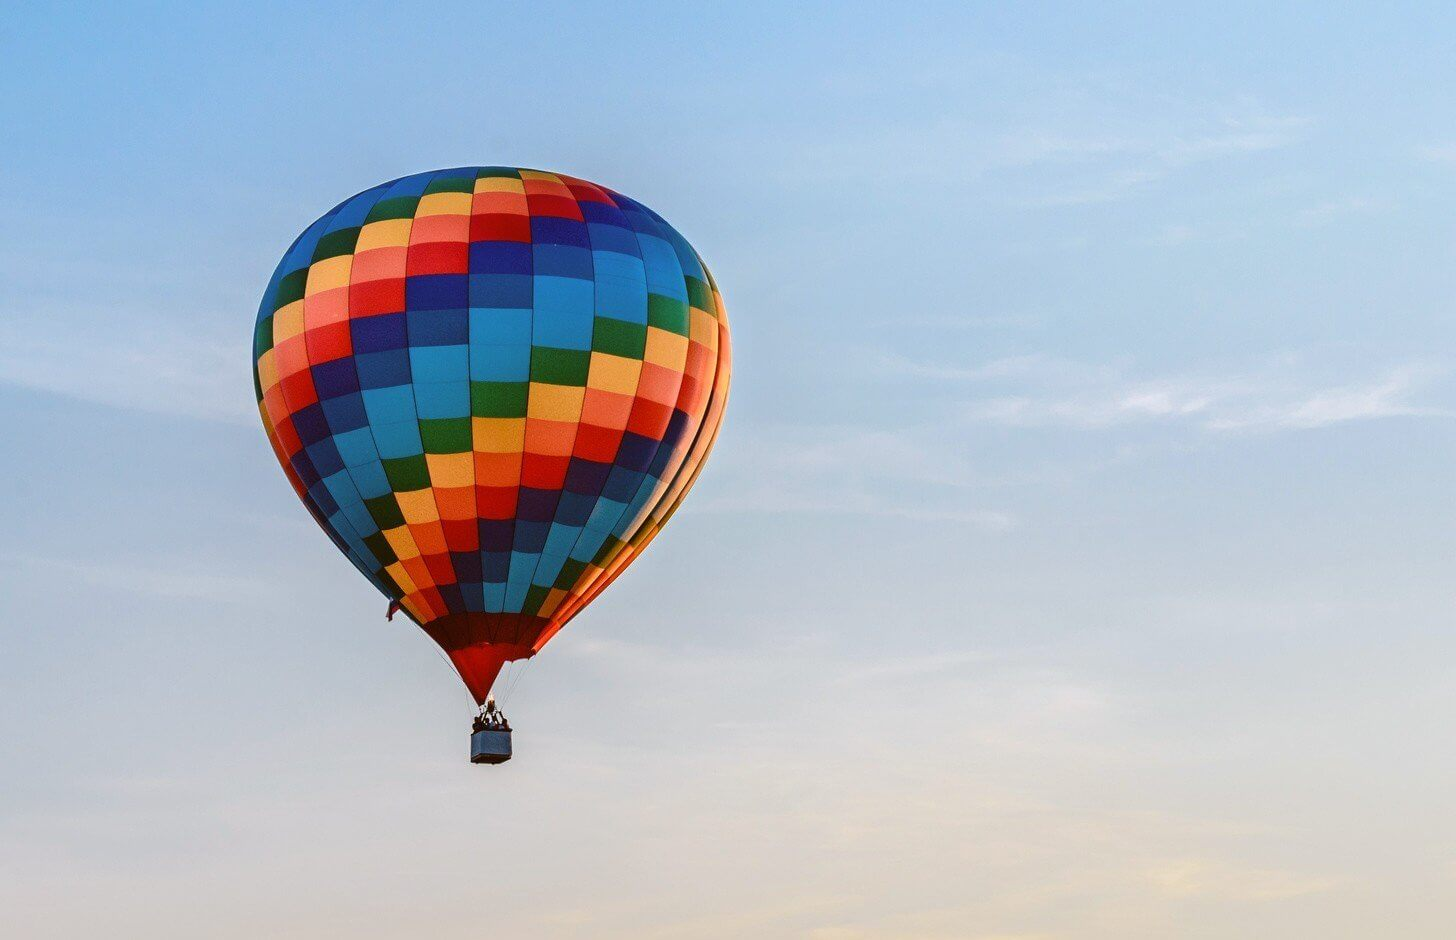 Lot balonem dla 2 osób - okolice Warszawy